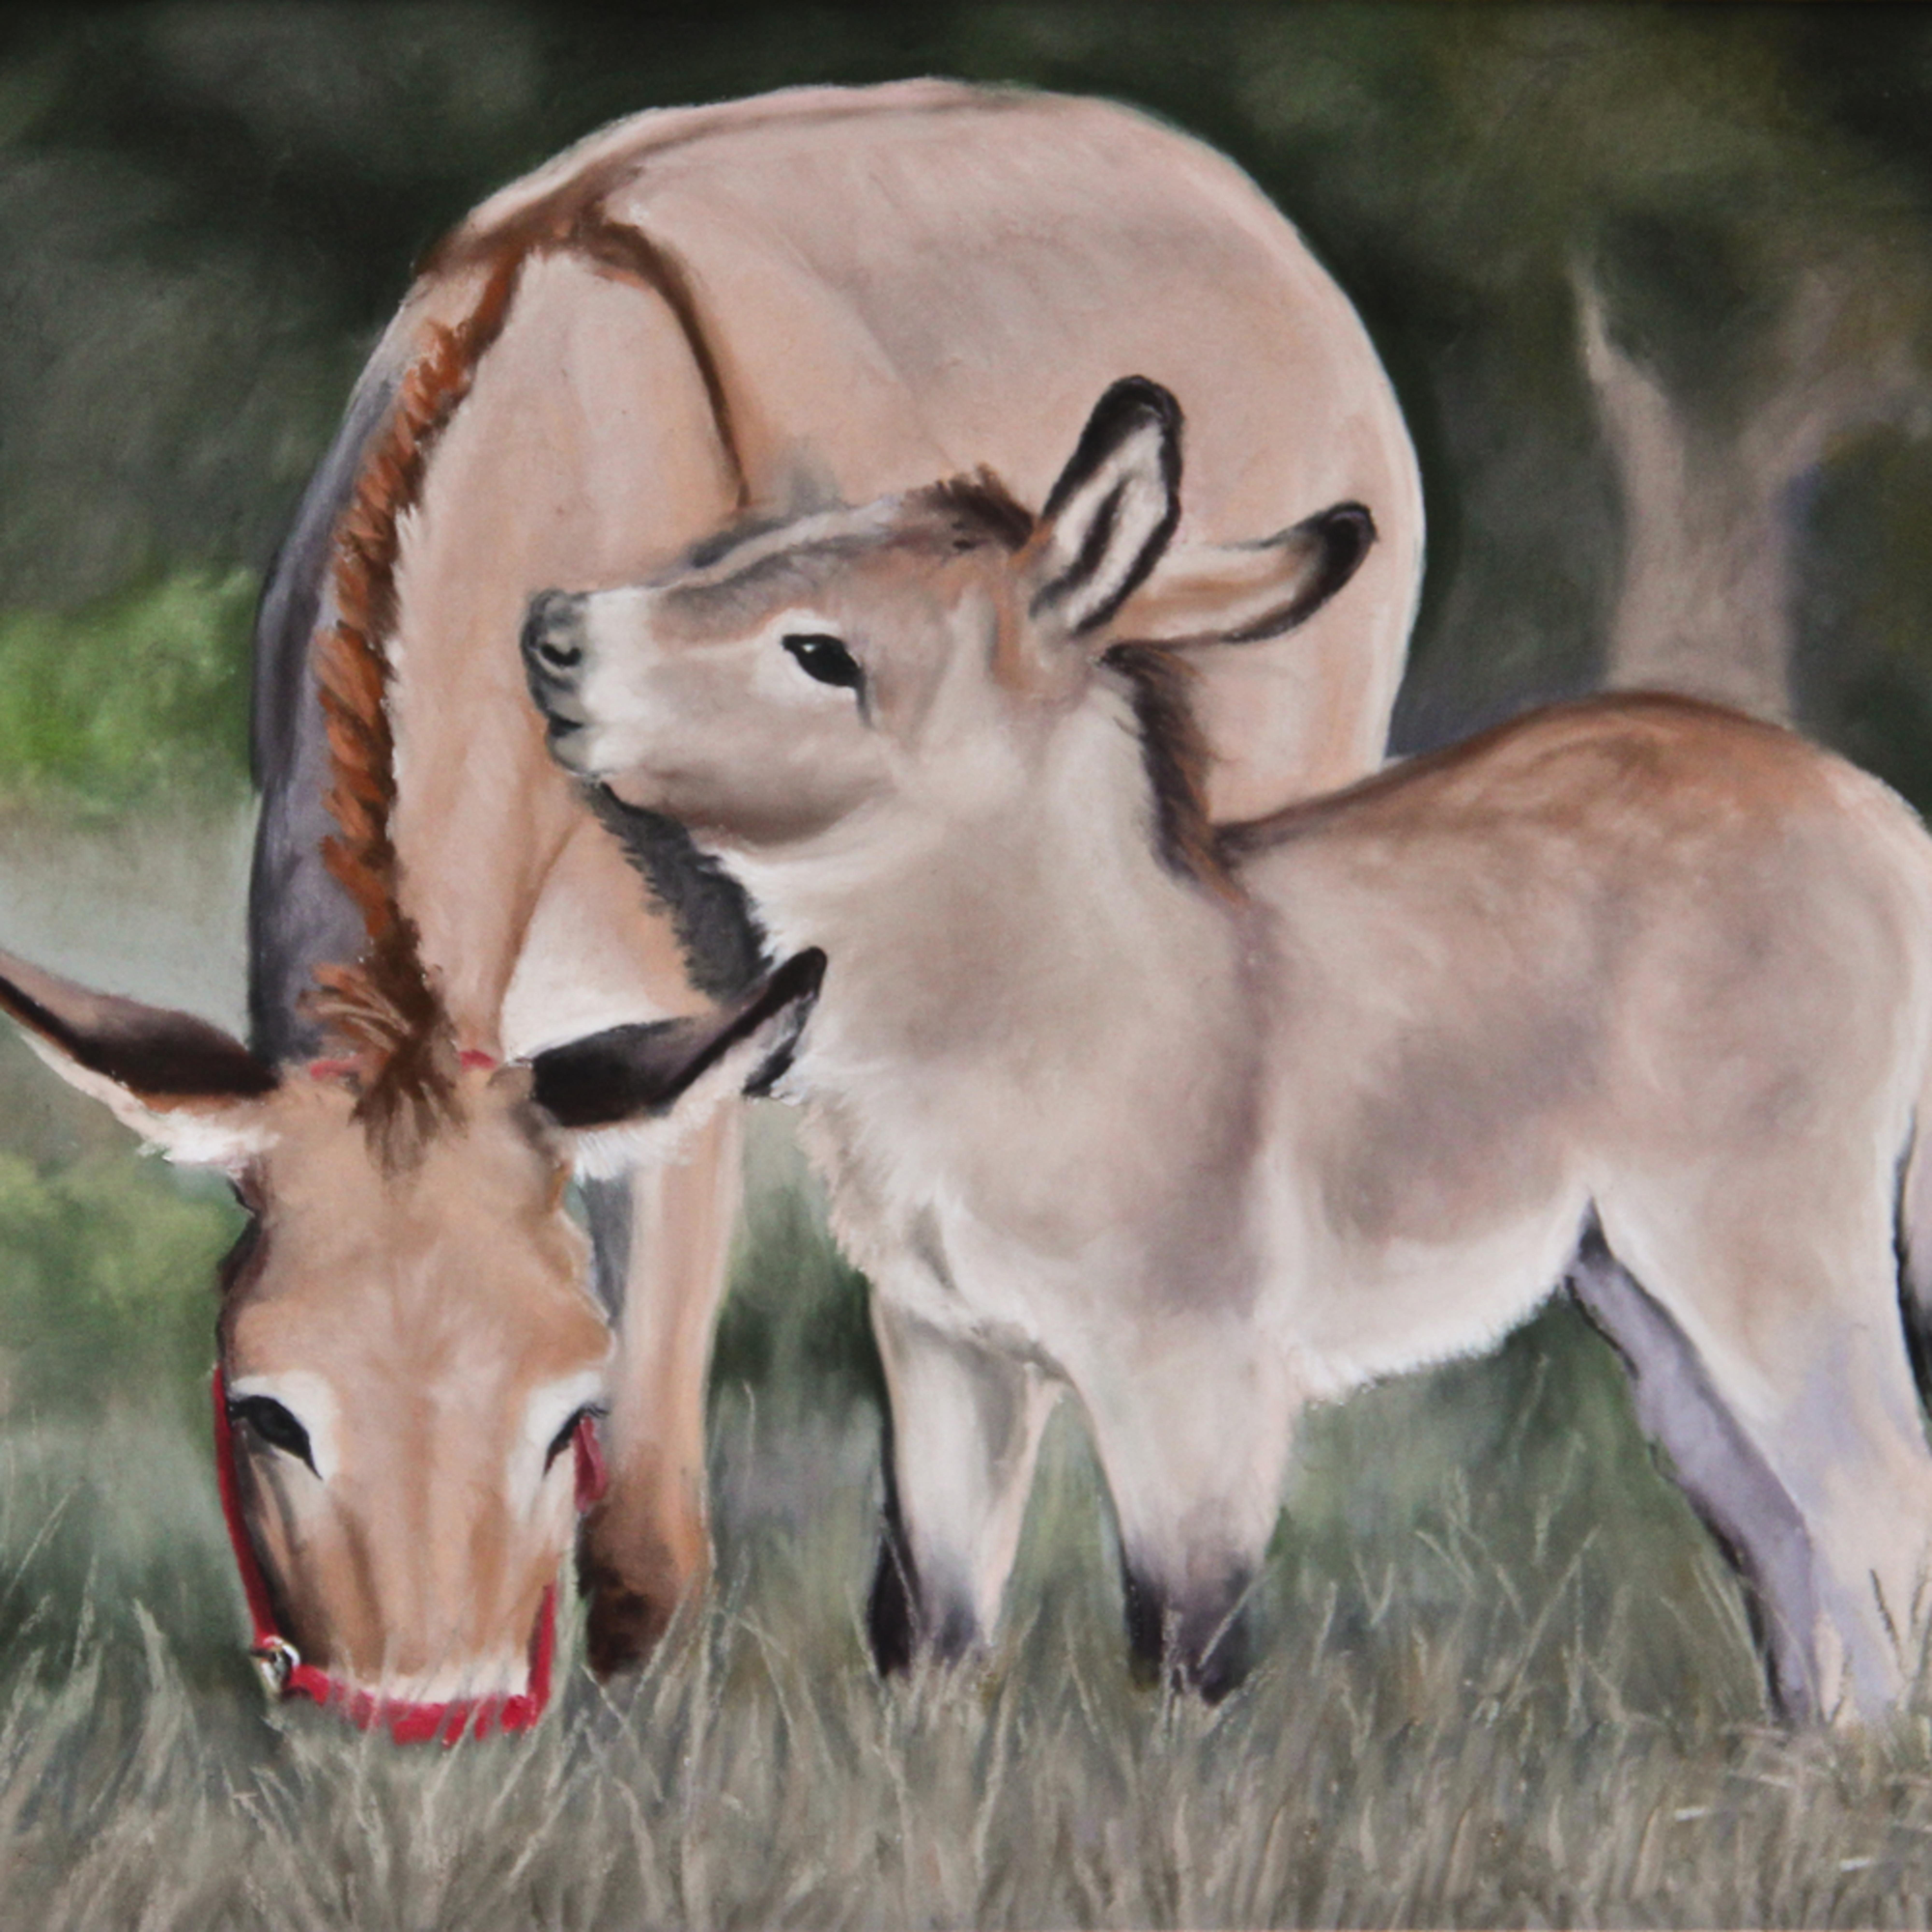 Donkey 2 of 2 nju43f